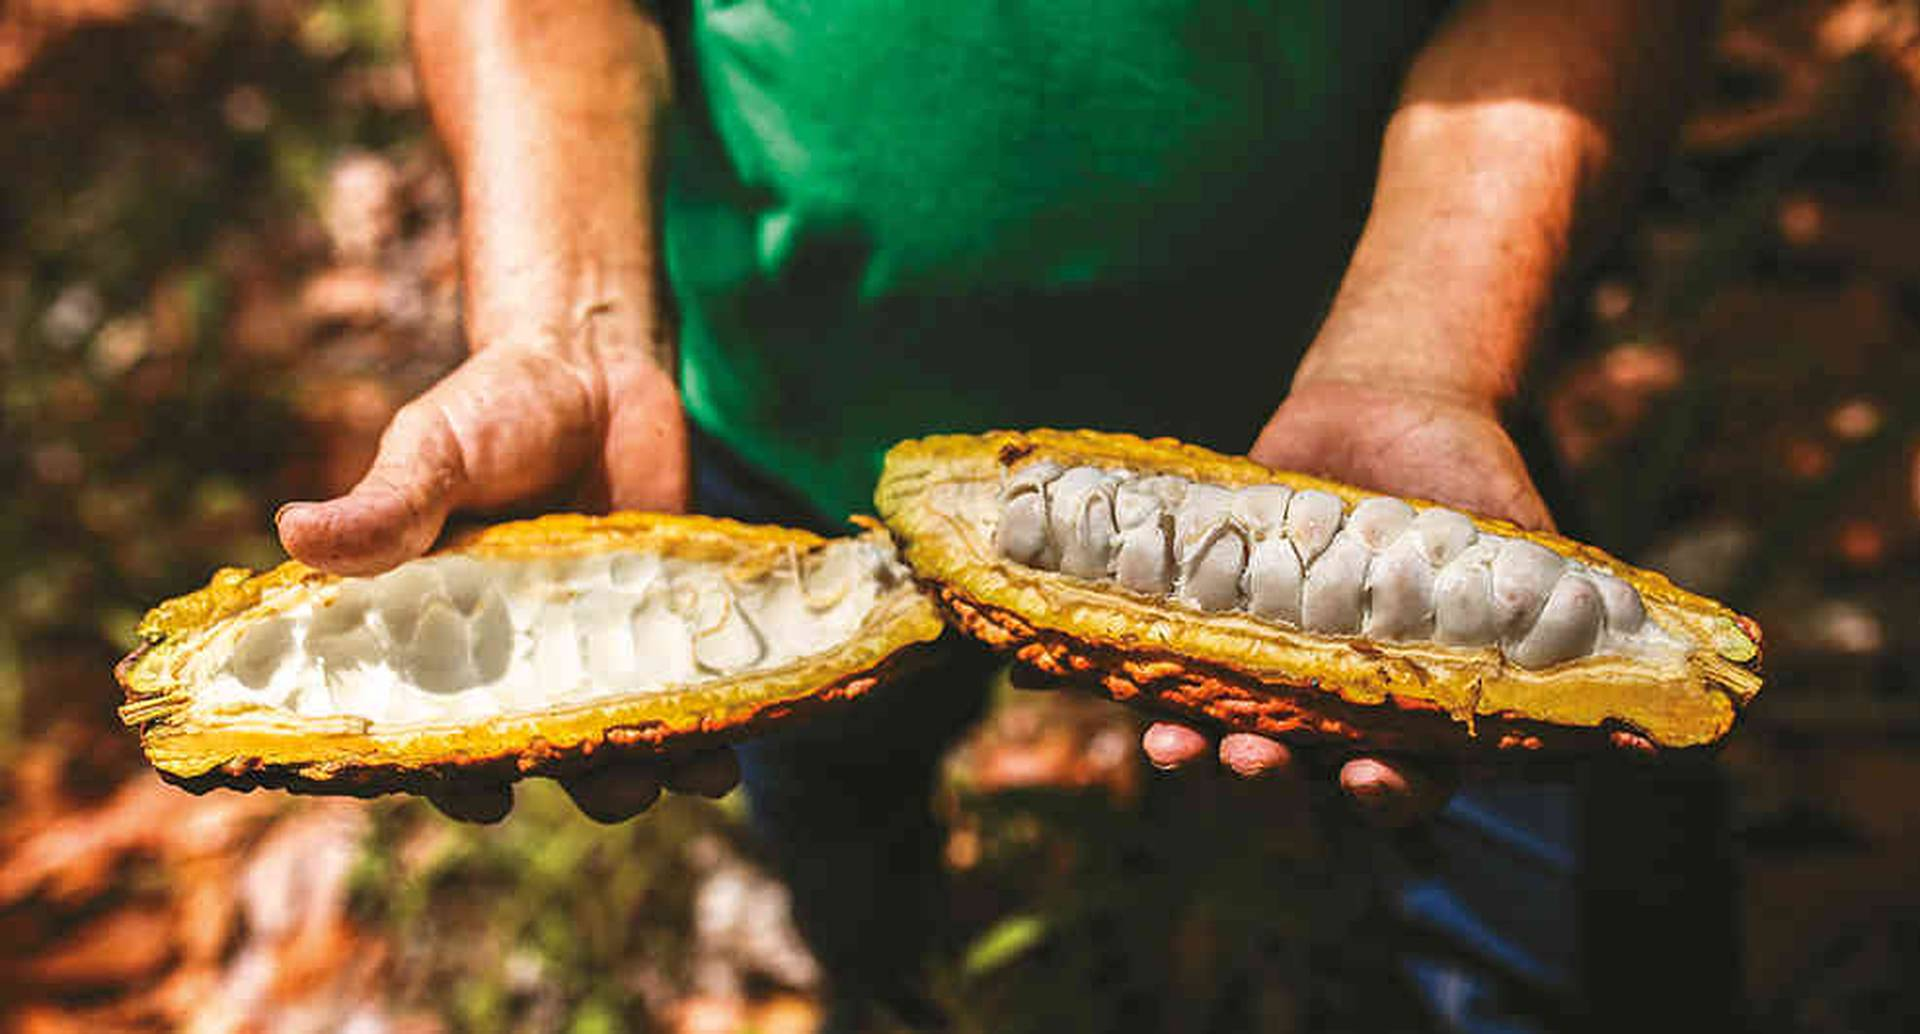 Cacao cosechado en Quípama, Boyaca, por la microempresa Asorcacao.